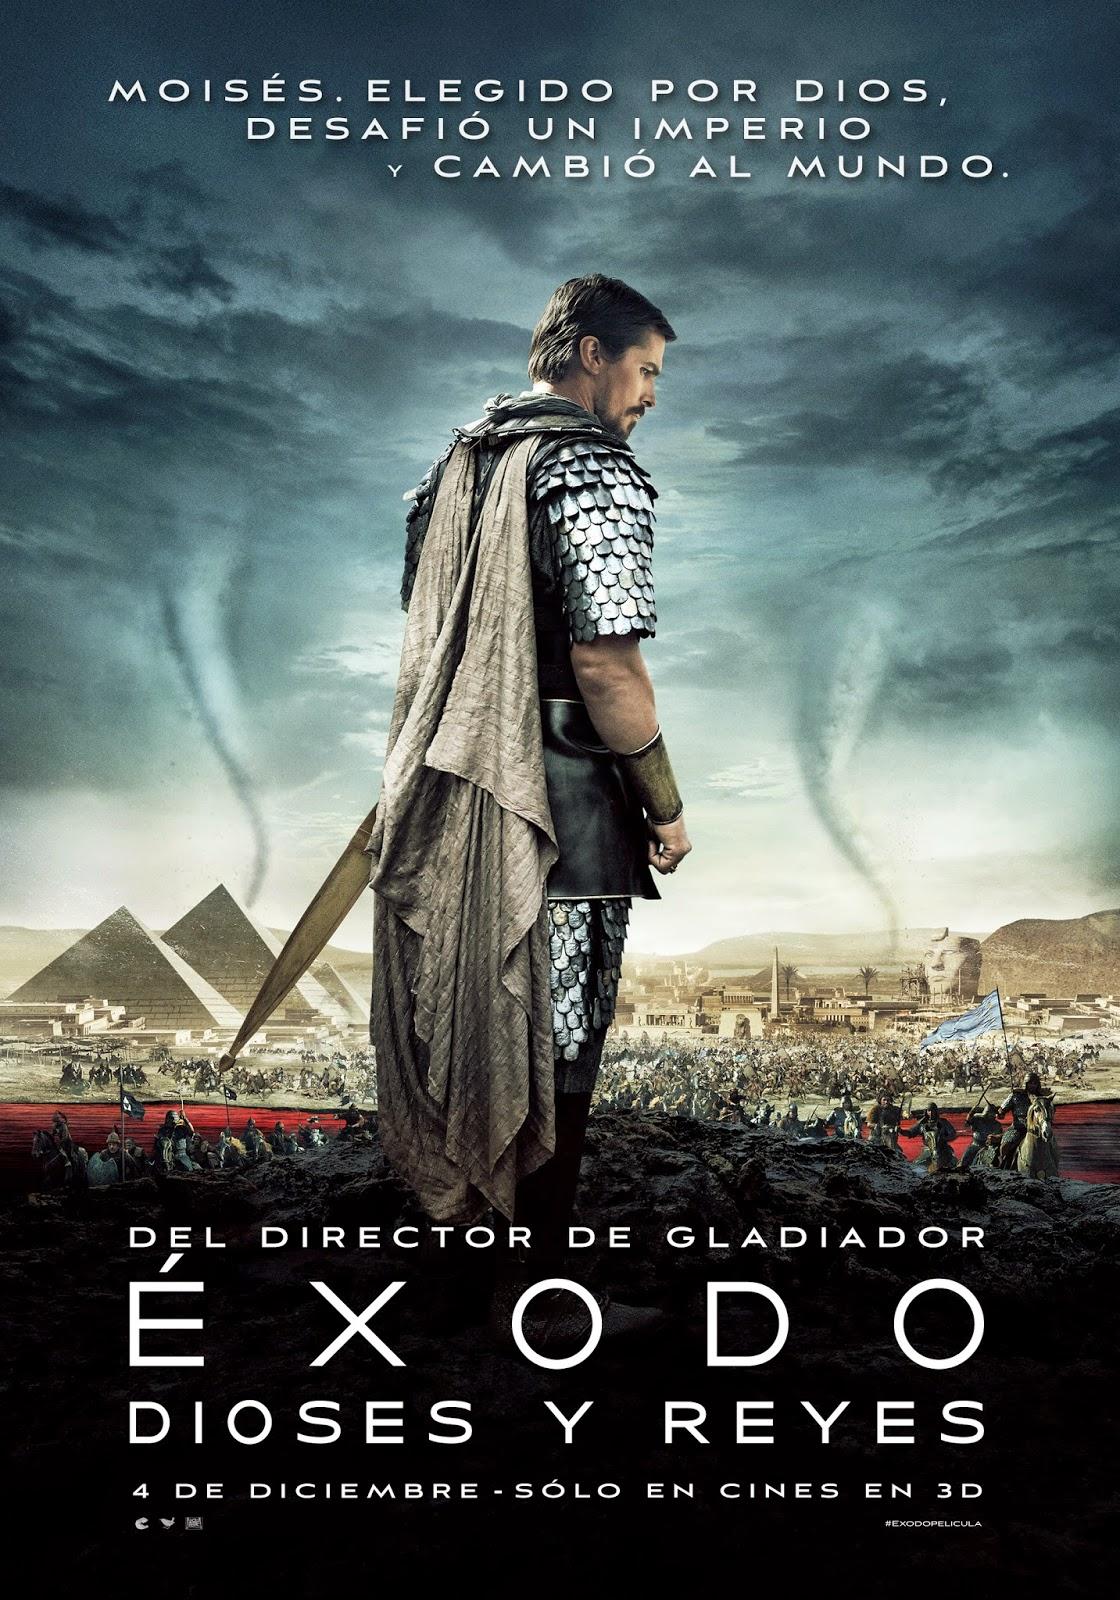 [Estreno] Exodus: Dioses y Reyes (2014) [DvdRip] [Latino] [Aventuras. Drama]